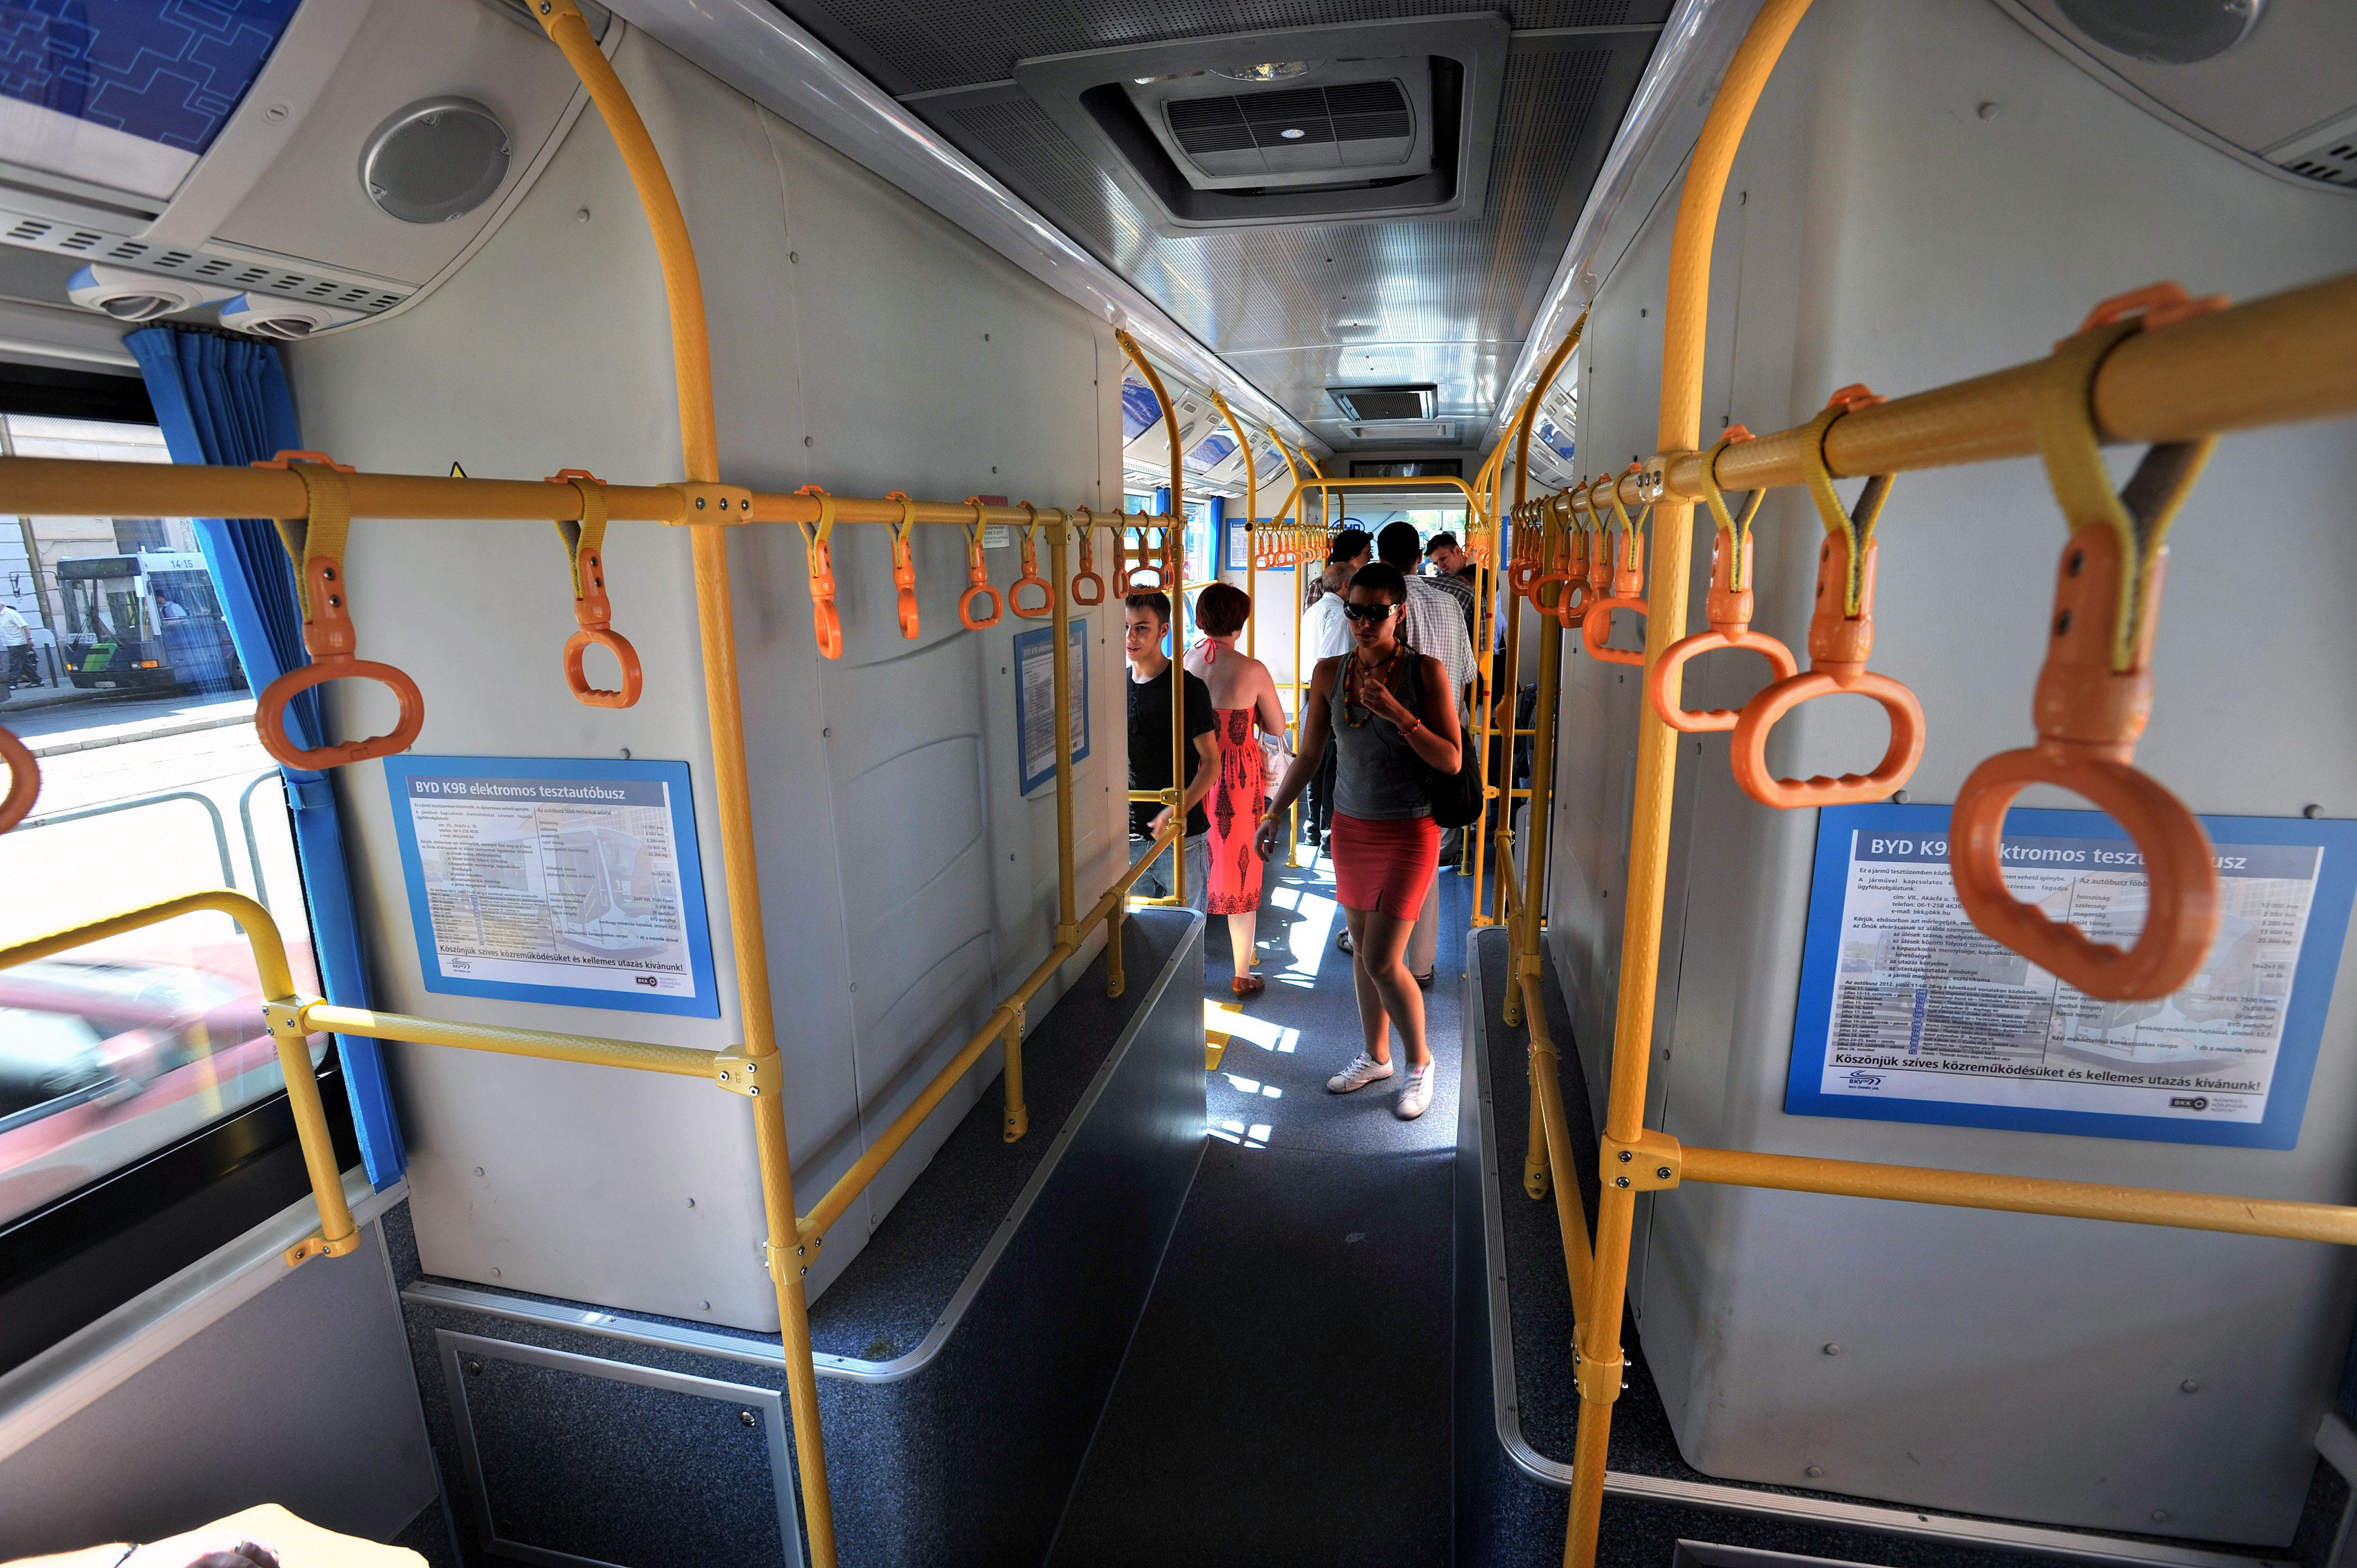 autóbusz, budapest, közlekesé, bkv (Array)